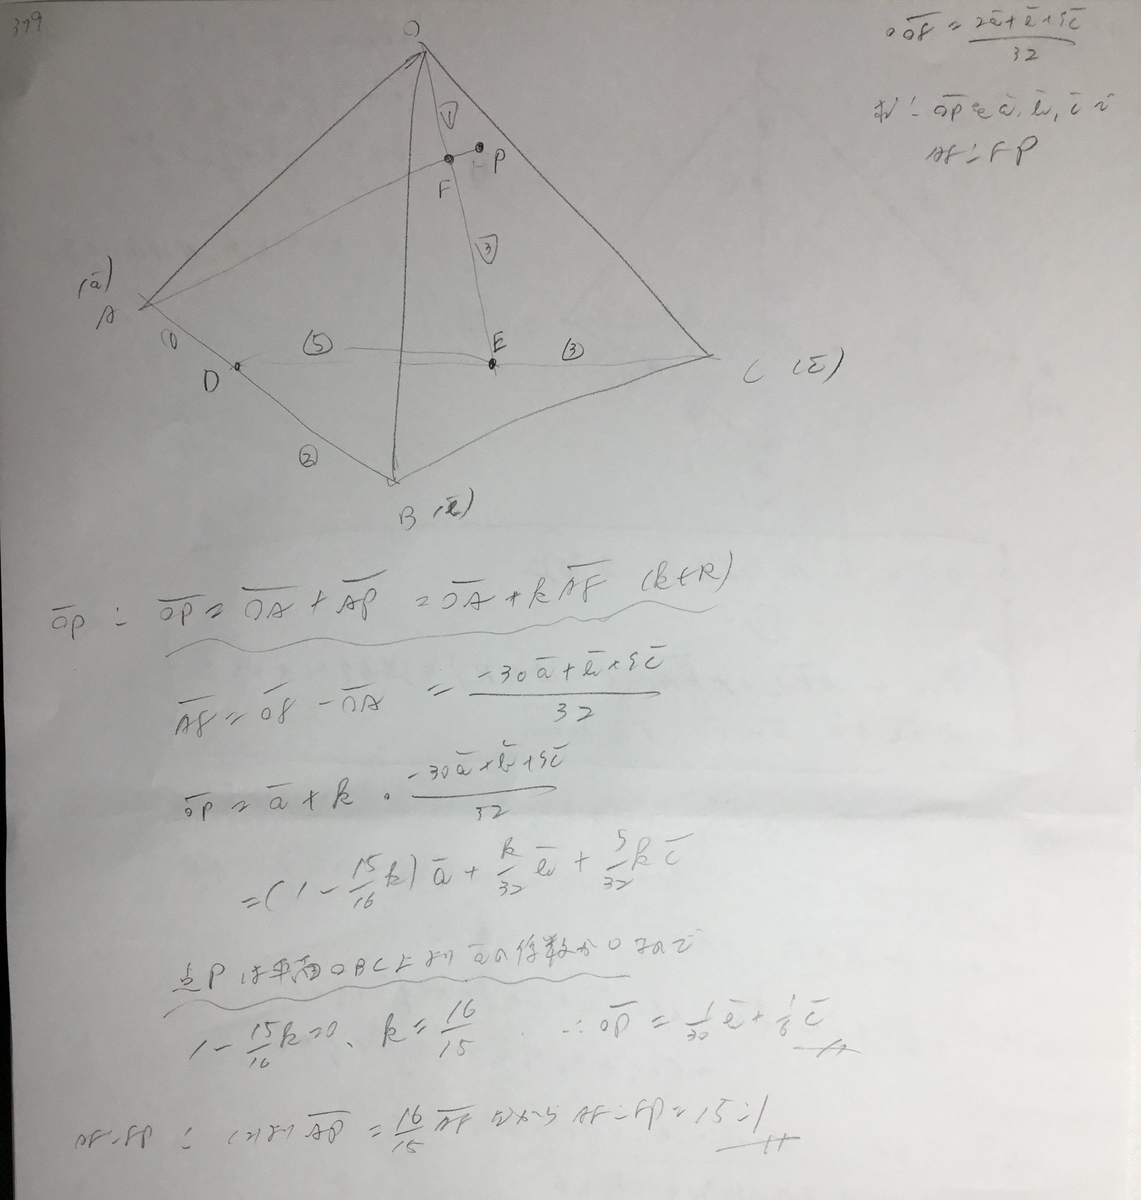 f:id:manaveemath:20200303235400j:plain